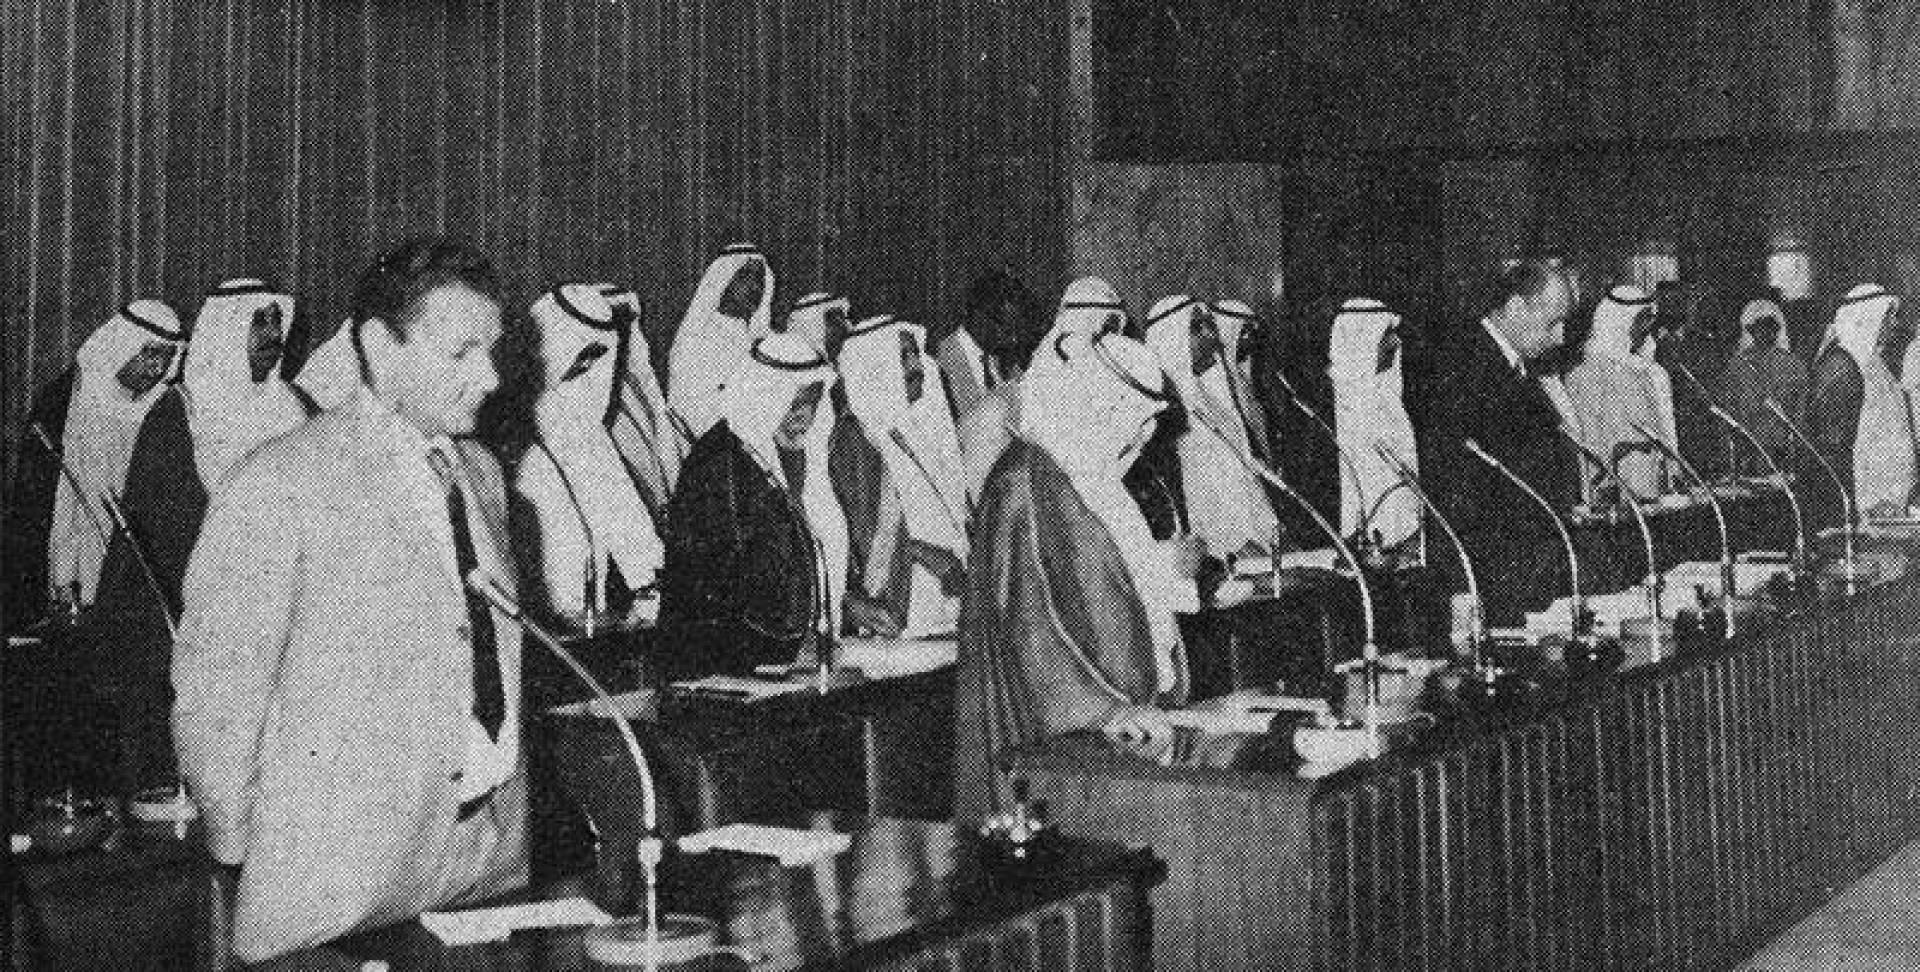 الوزراء والنواب يقفون دقيقة على أرواح الشهداء في لبنان.. أرشيفية